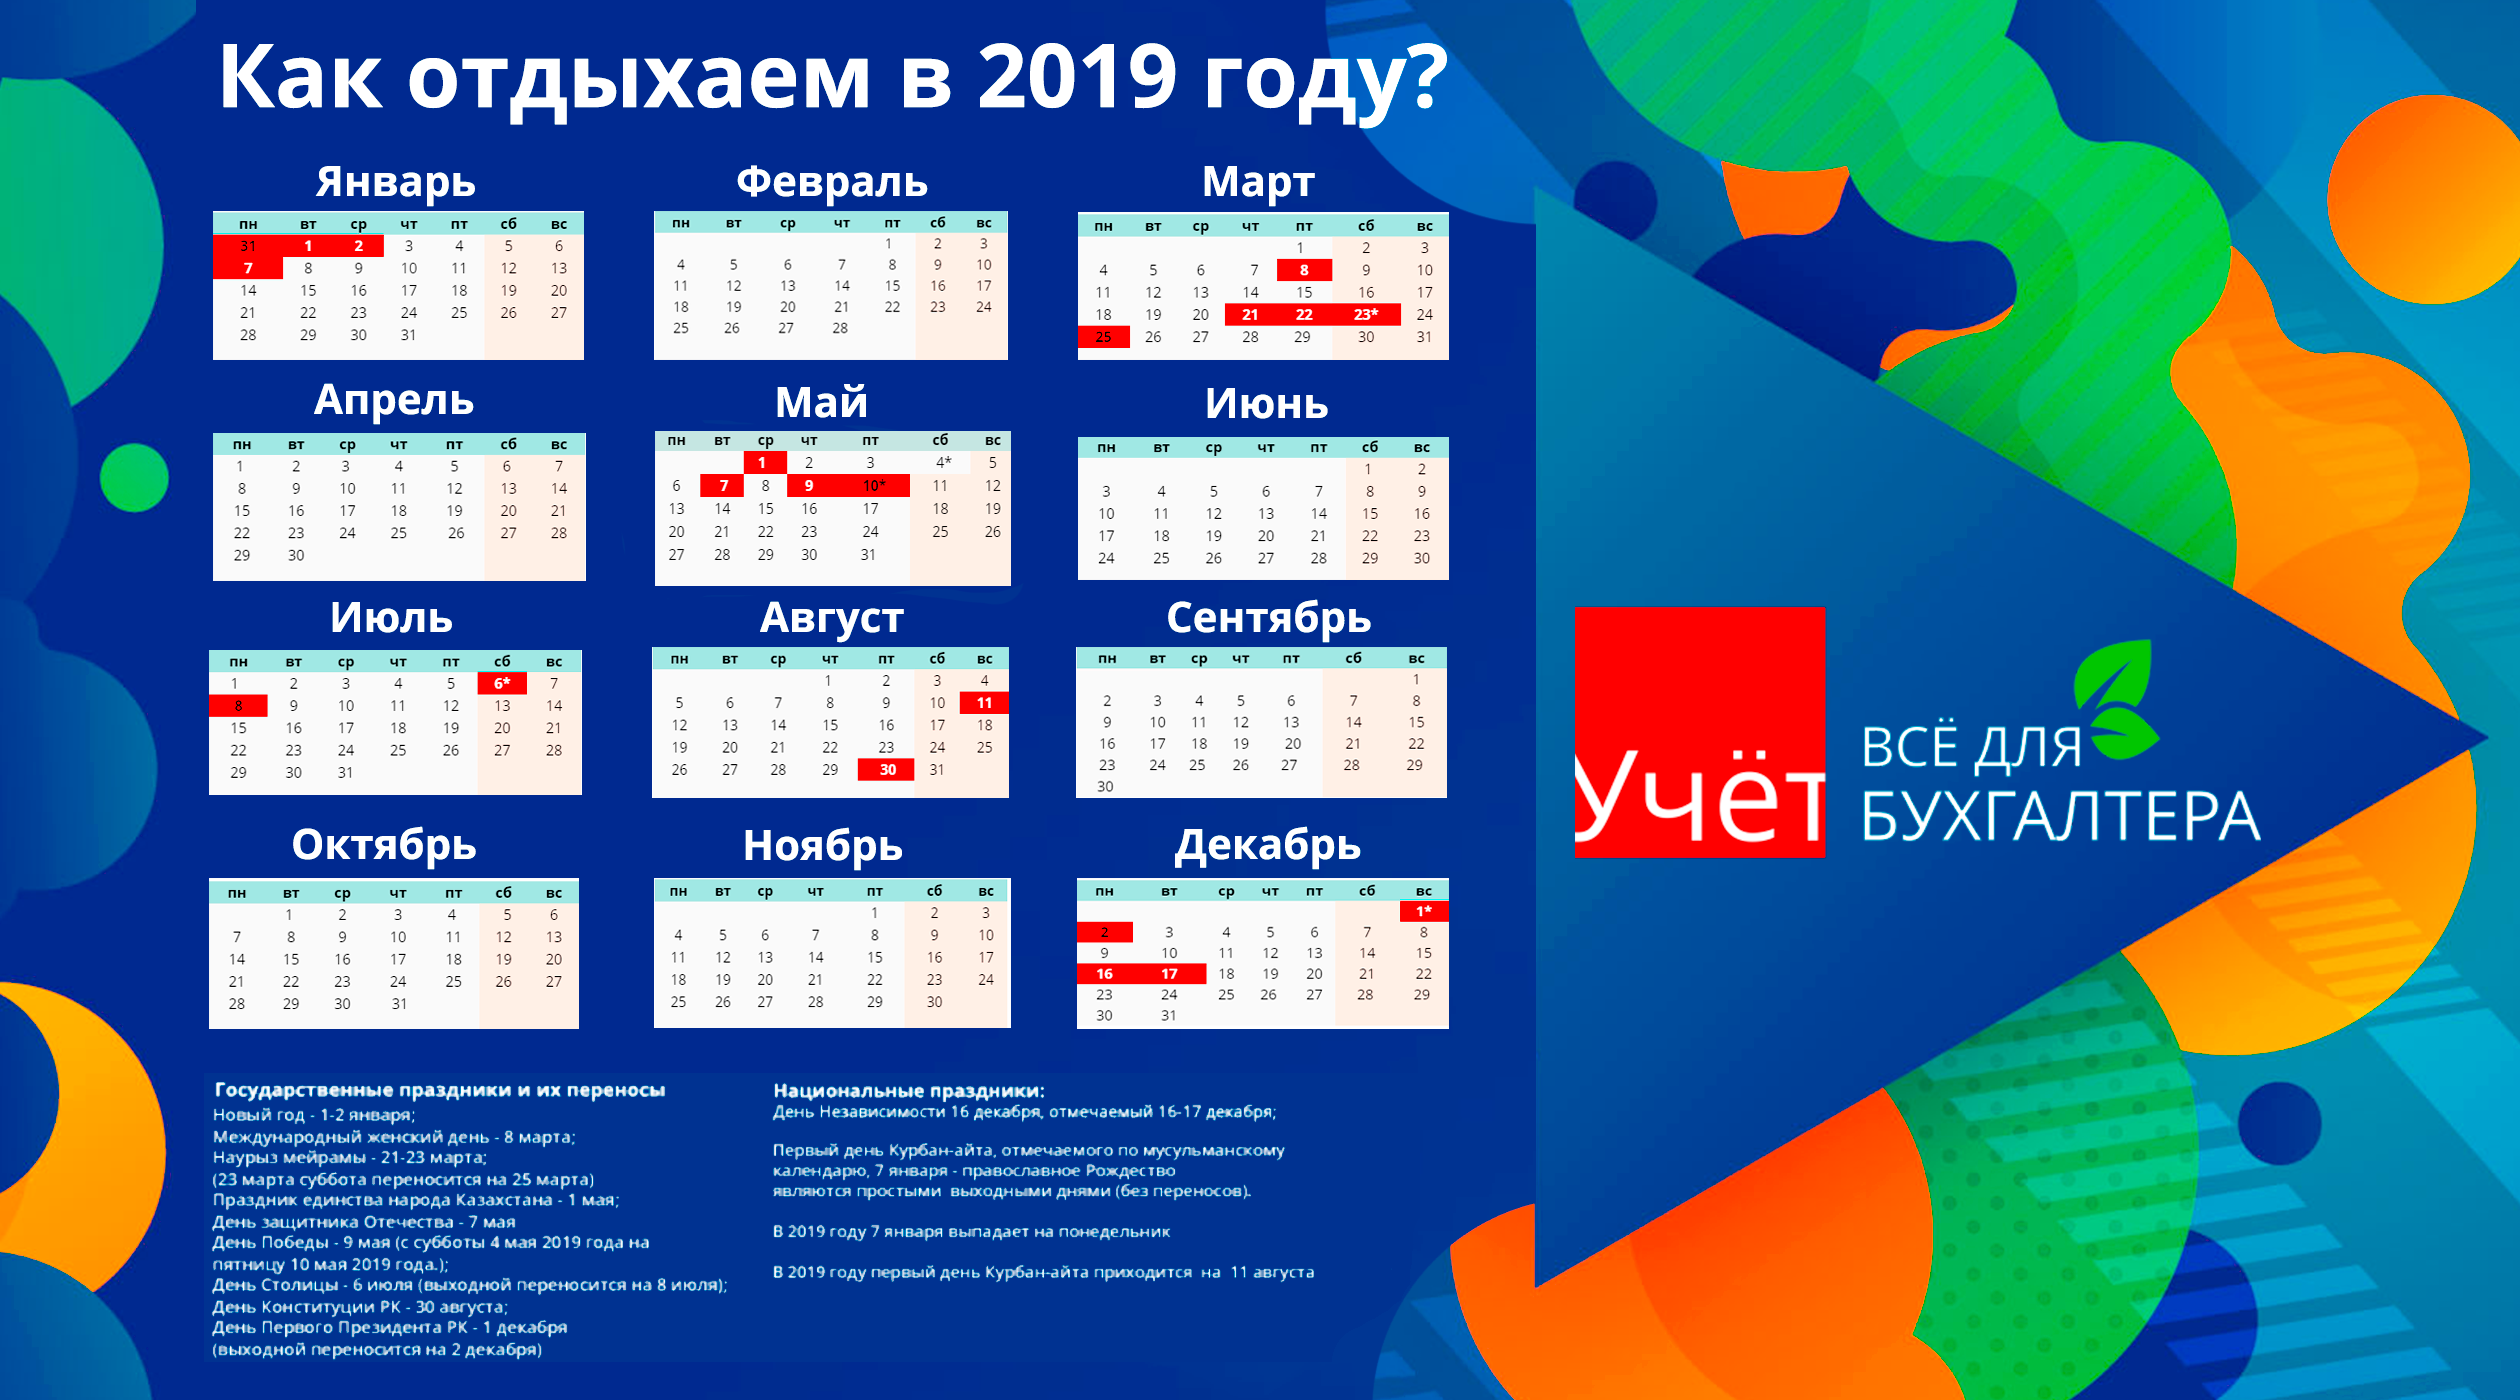 Три новых праздника могут появиться в Казахстане